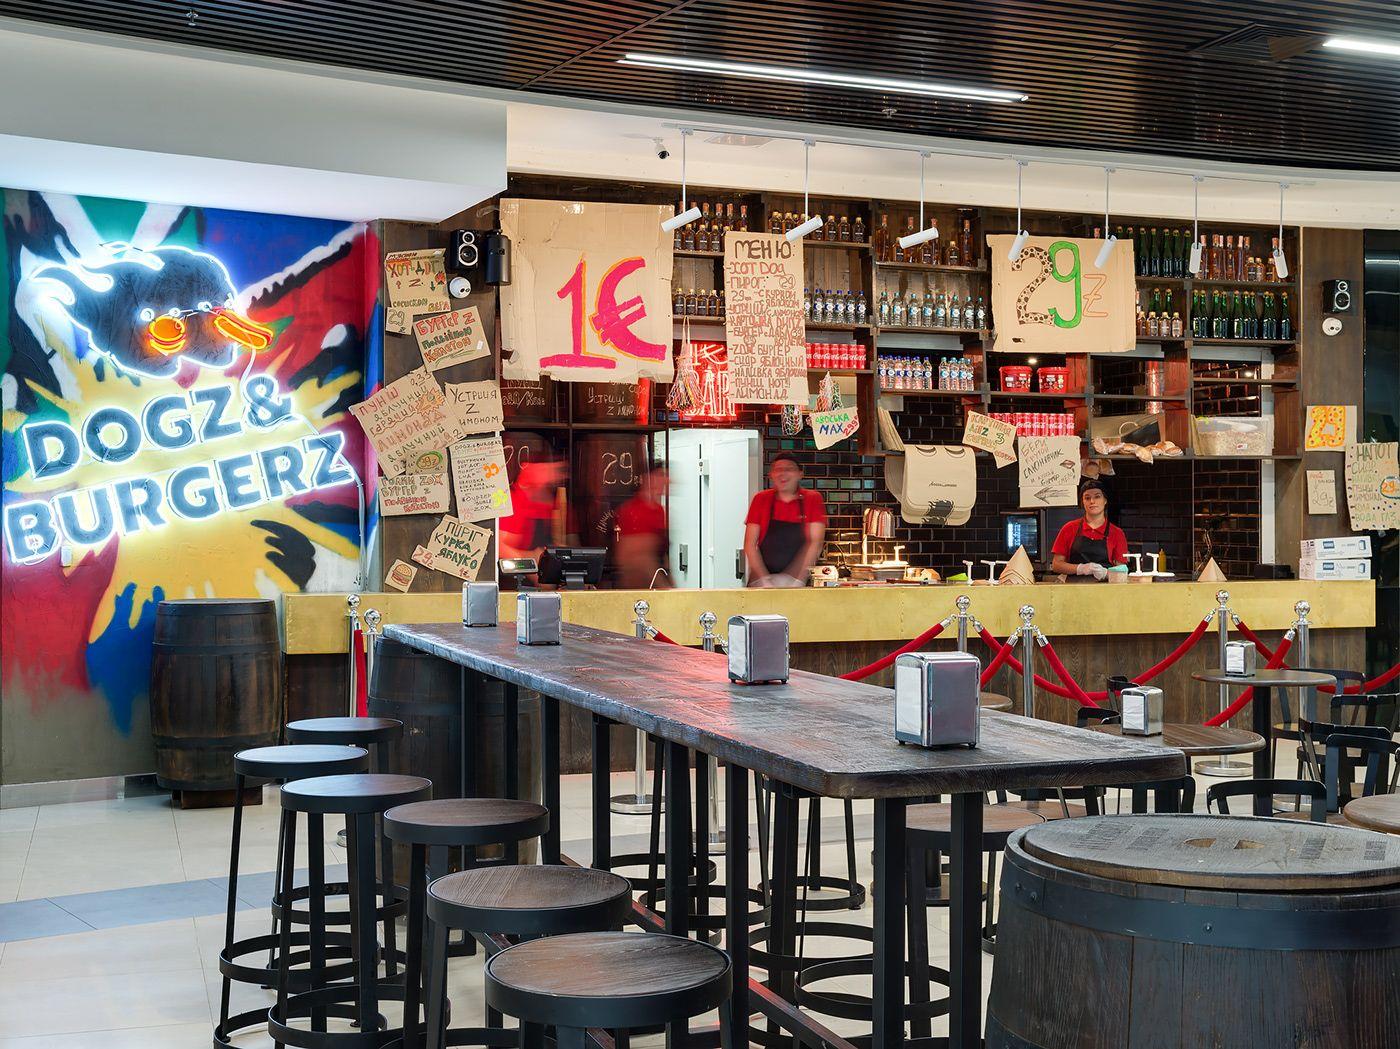 Di fronte al bar in un area spaziosa e confortevole i clienti